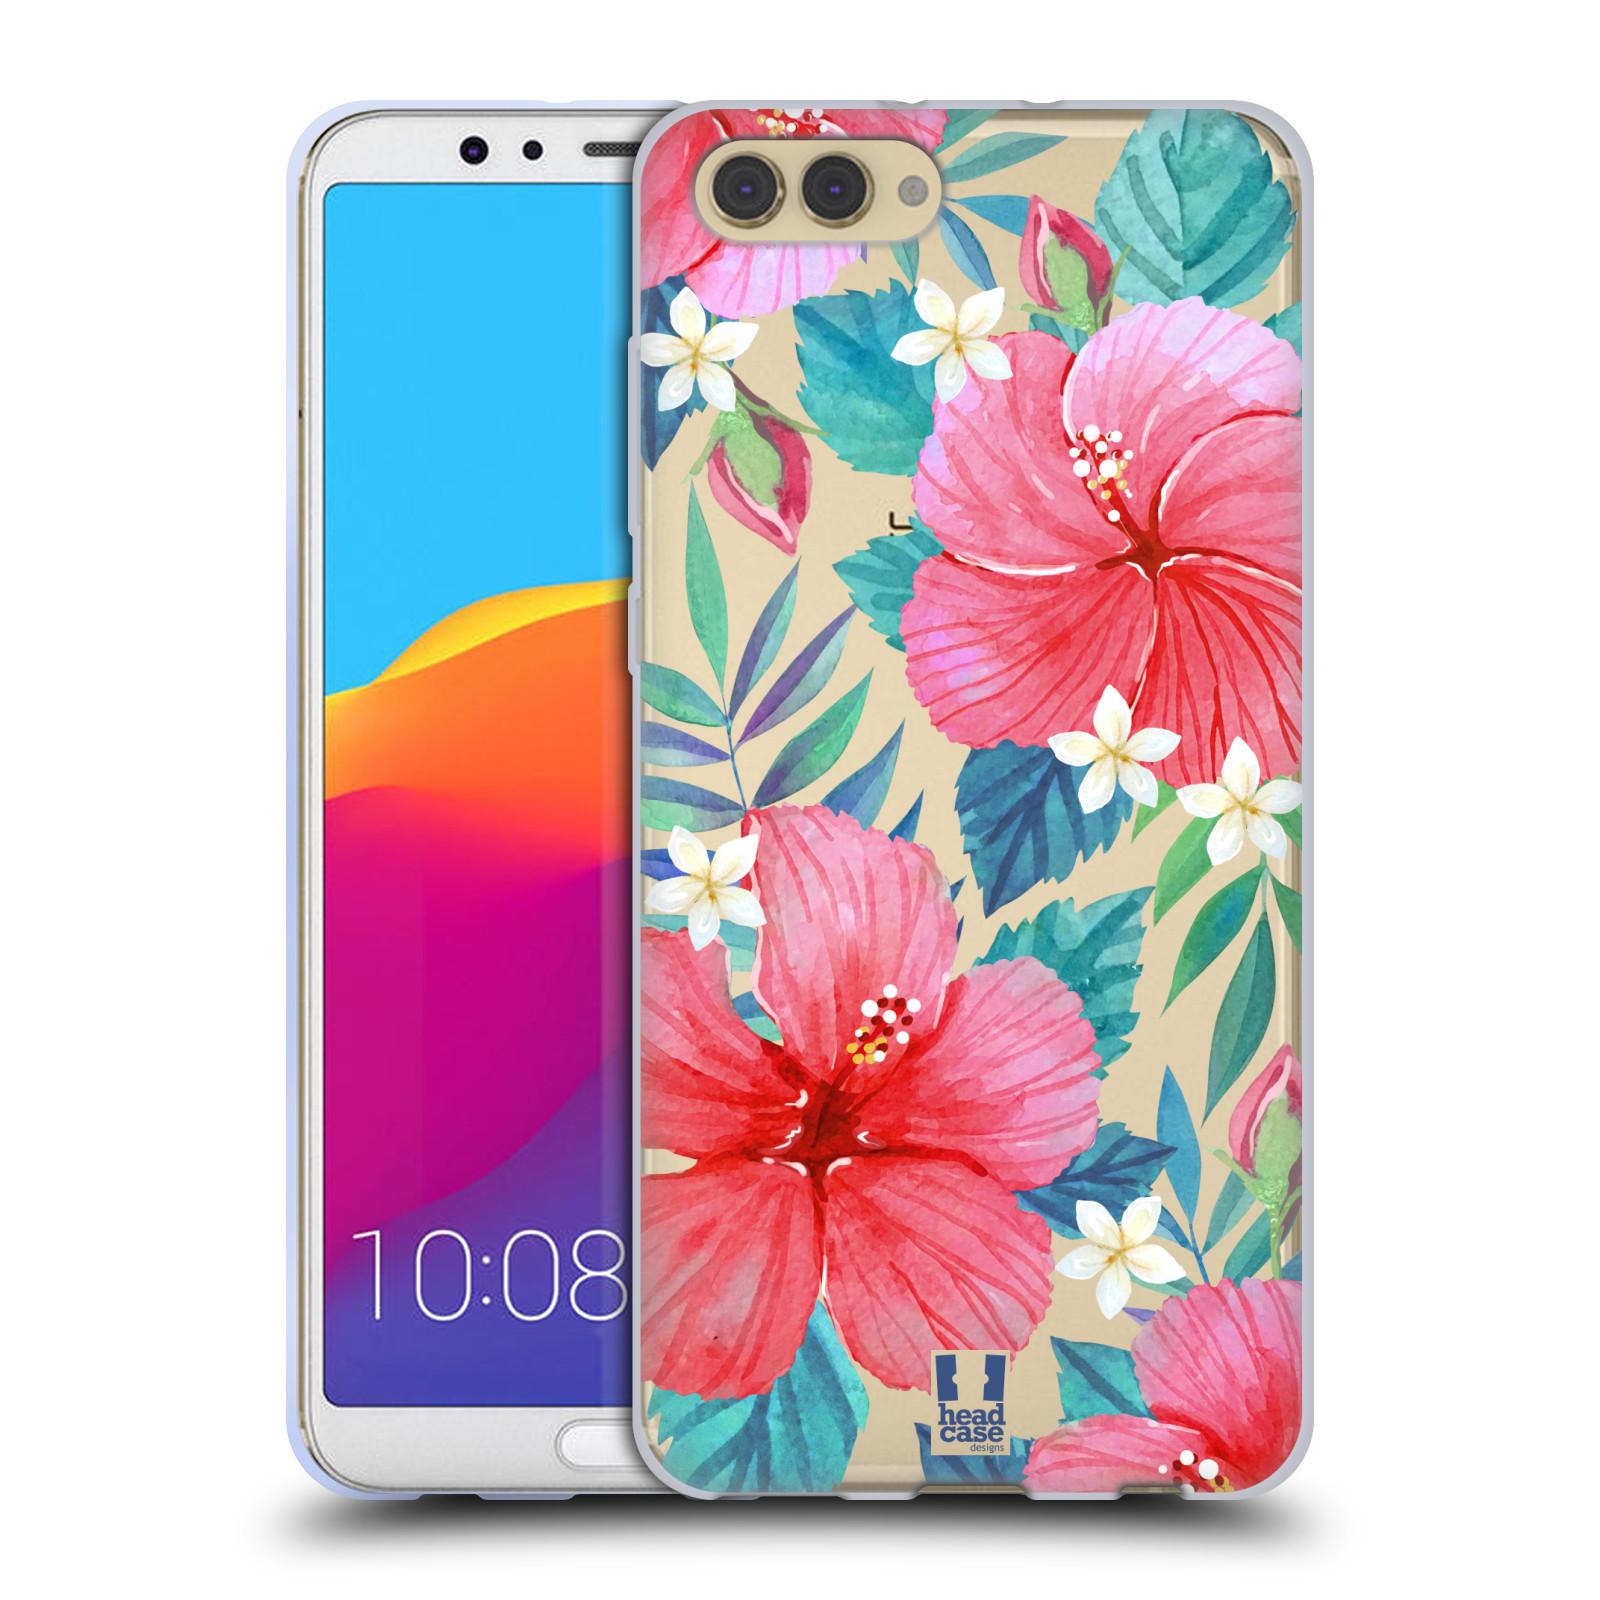 HEAD CASE silikonový obal na mobil Huawei HONOR VIEW 10 / V10 květinové vzory Ibišek čínská růže